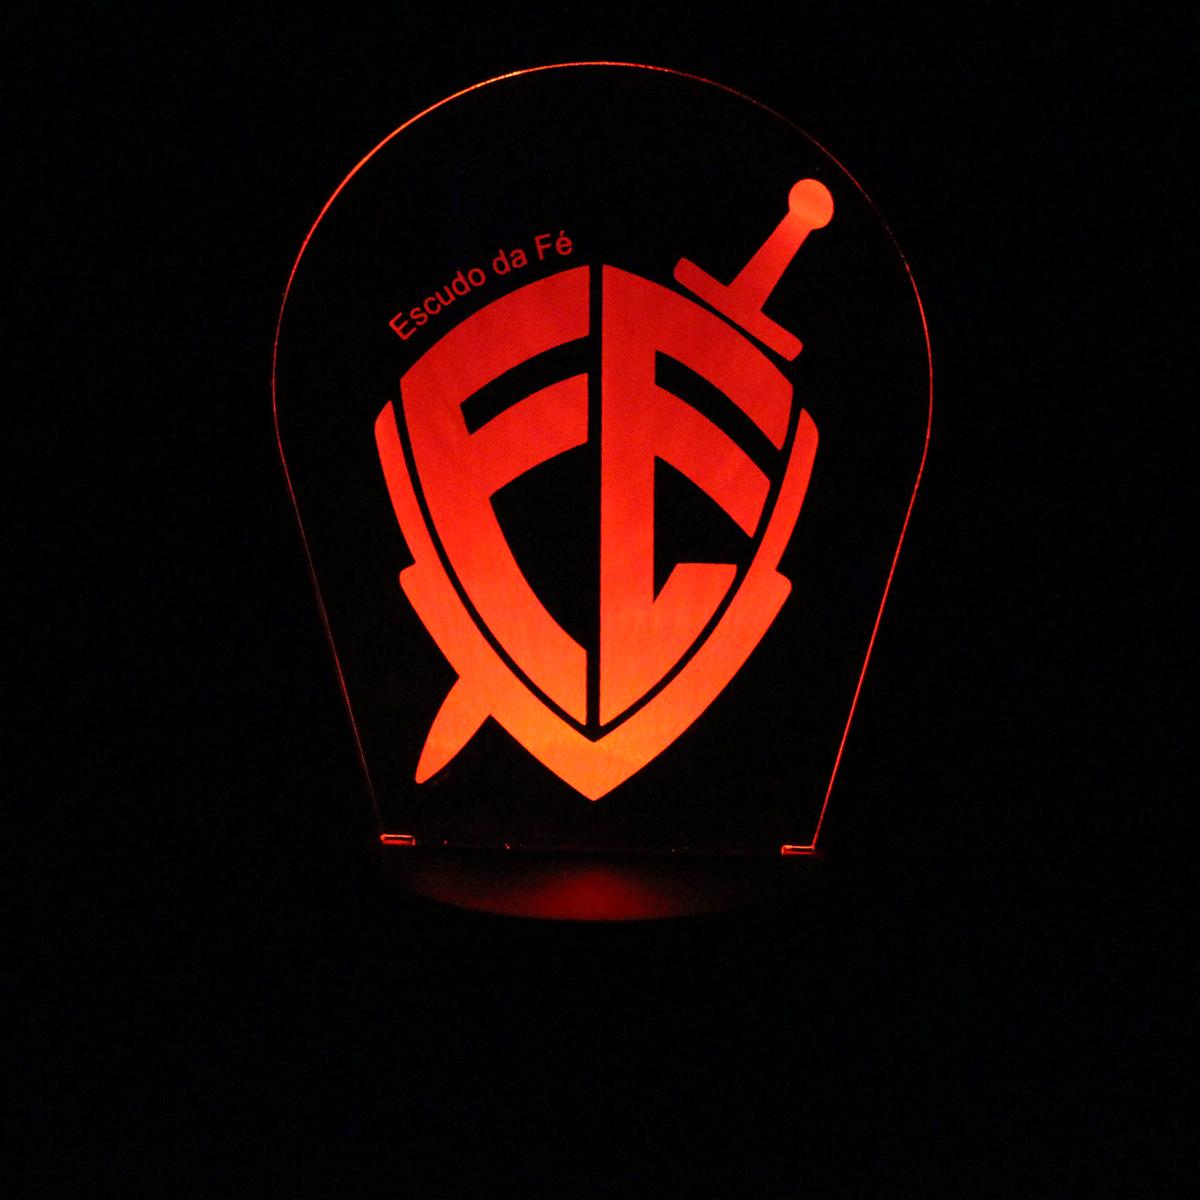 Luminária em Acrílico Sem Fio: Escudo da Fé